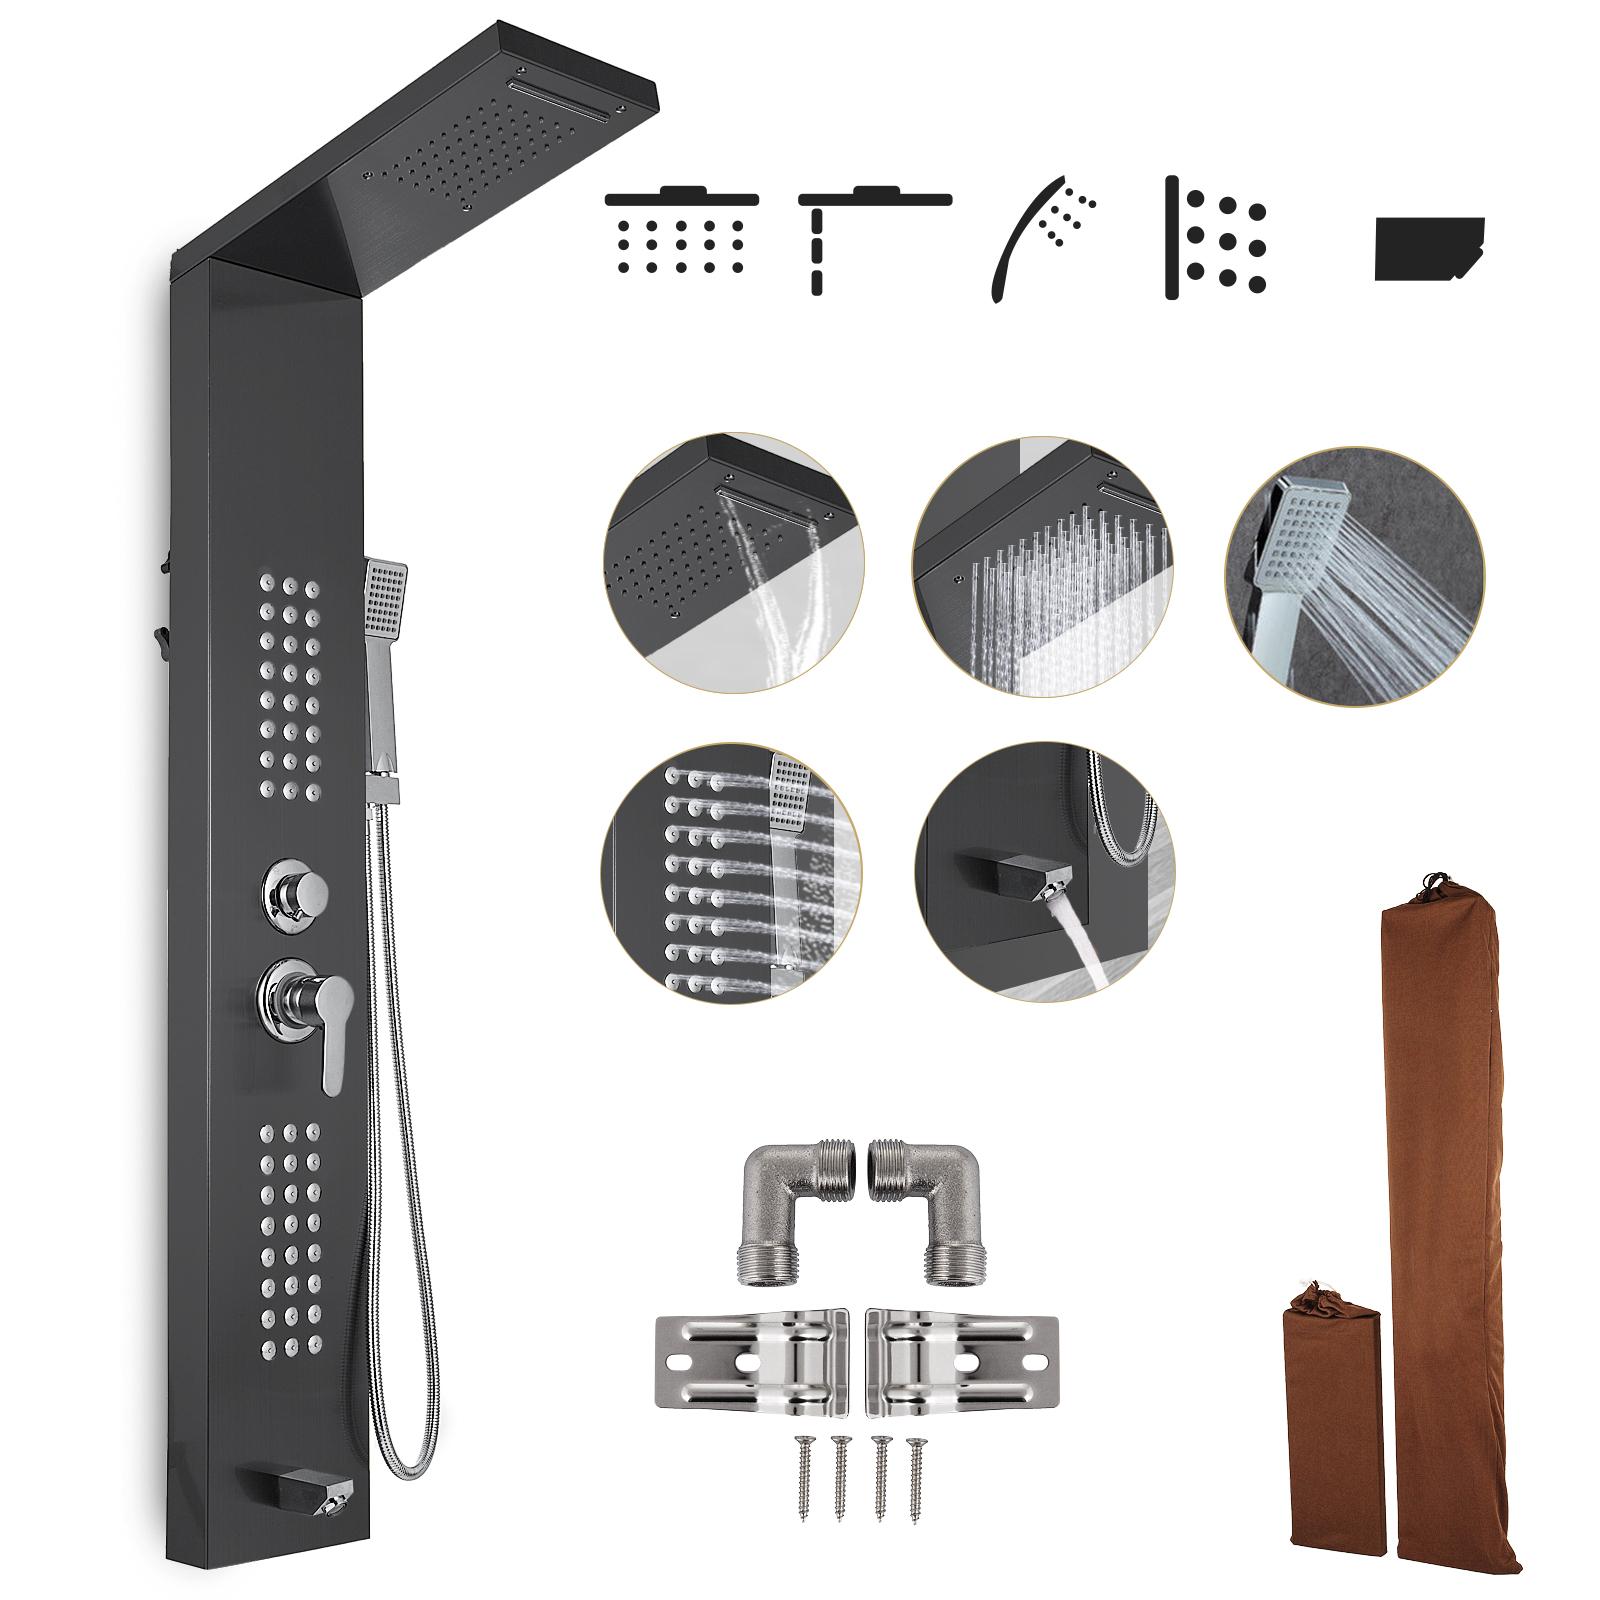 Pannello-doccia-idromassaggio-colonna-in-acciaio-inossidabile-con-miscelatore miniatura 108